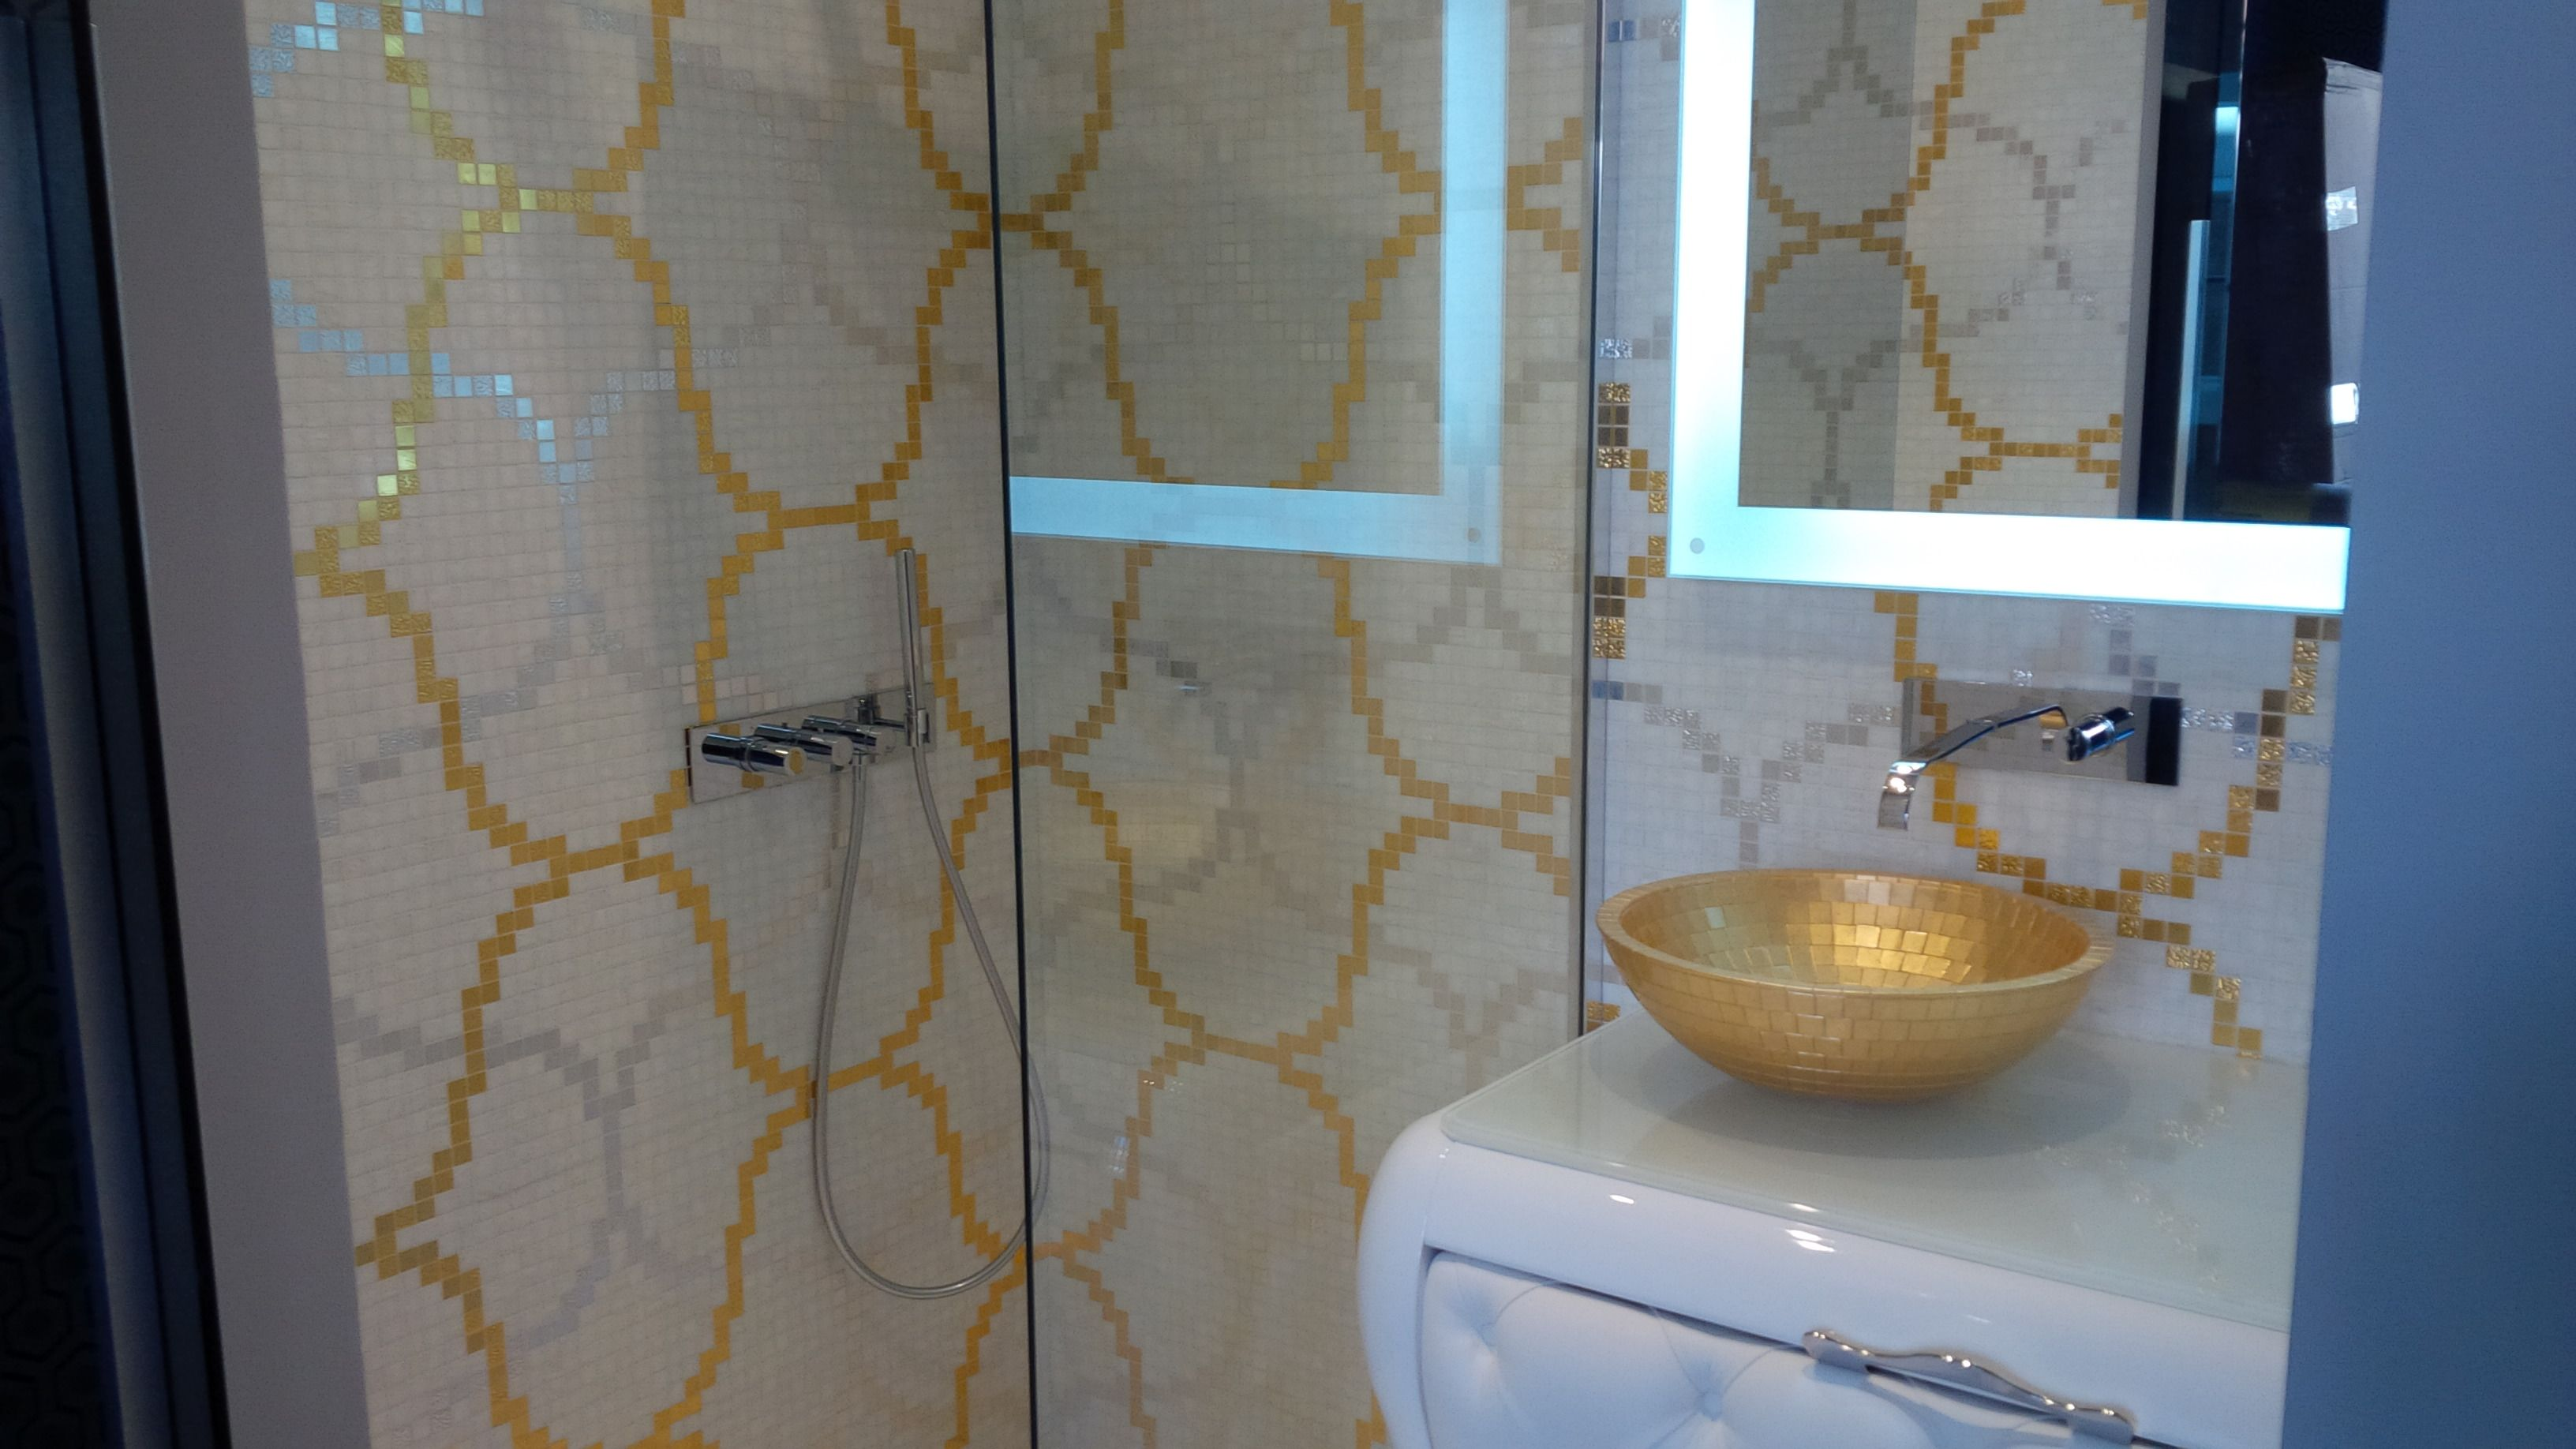 mosaïque bisazza, réalisation il bagno à lyon | salle de bain